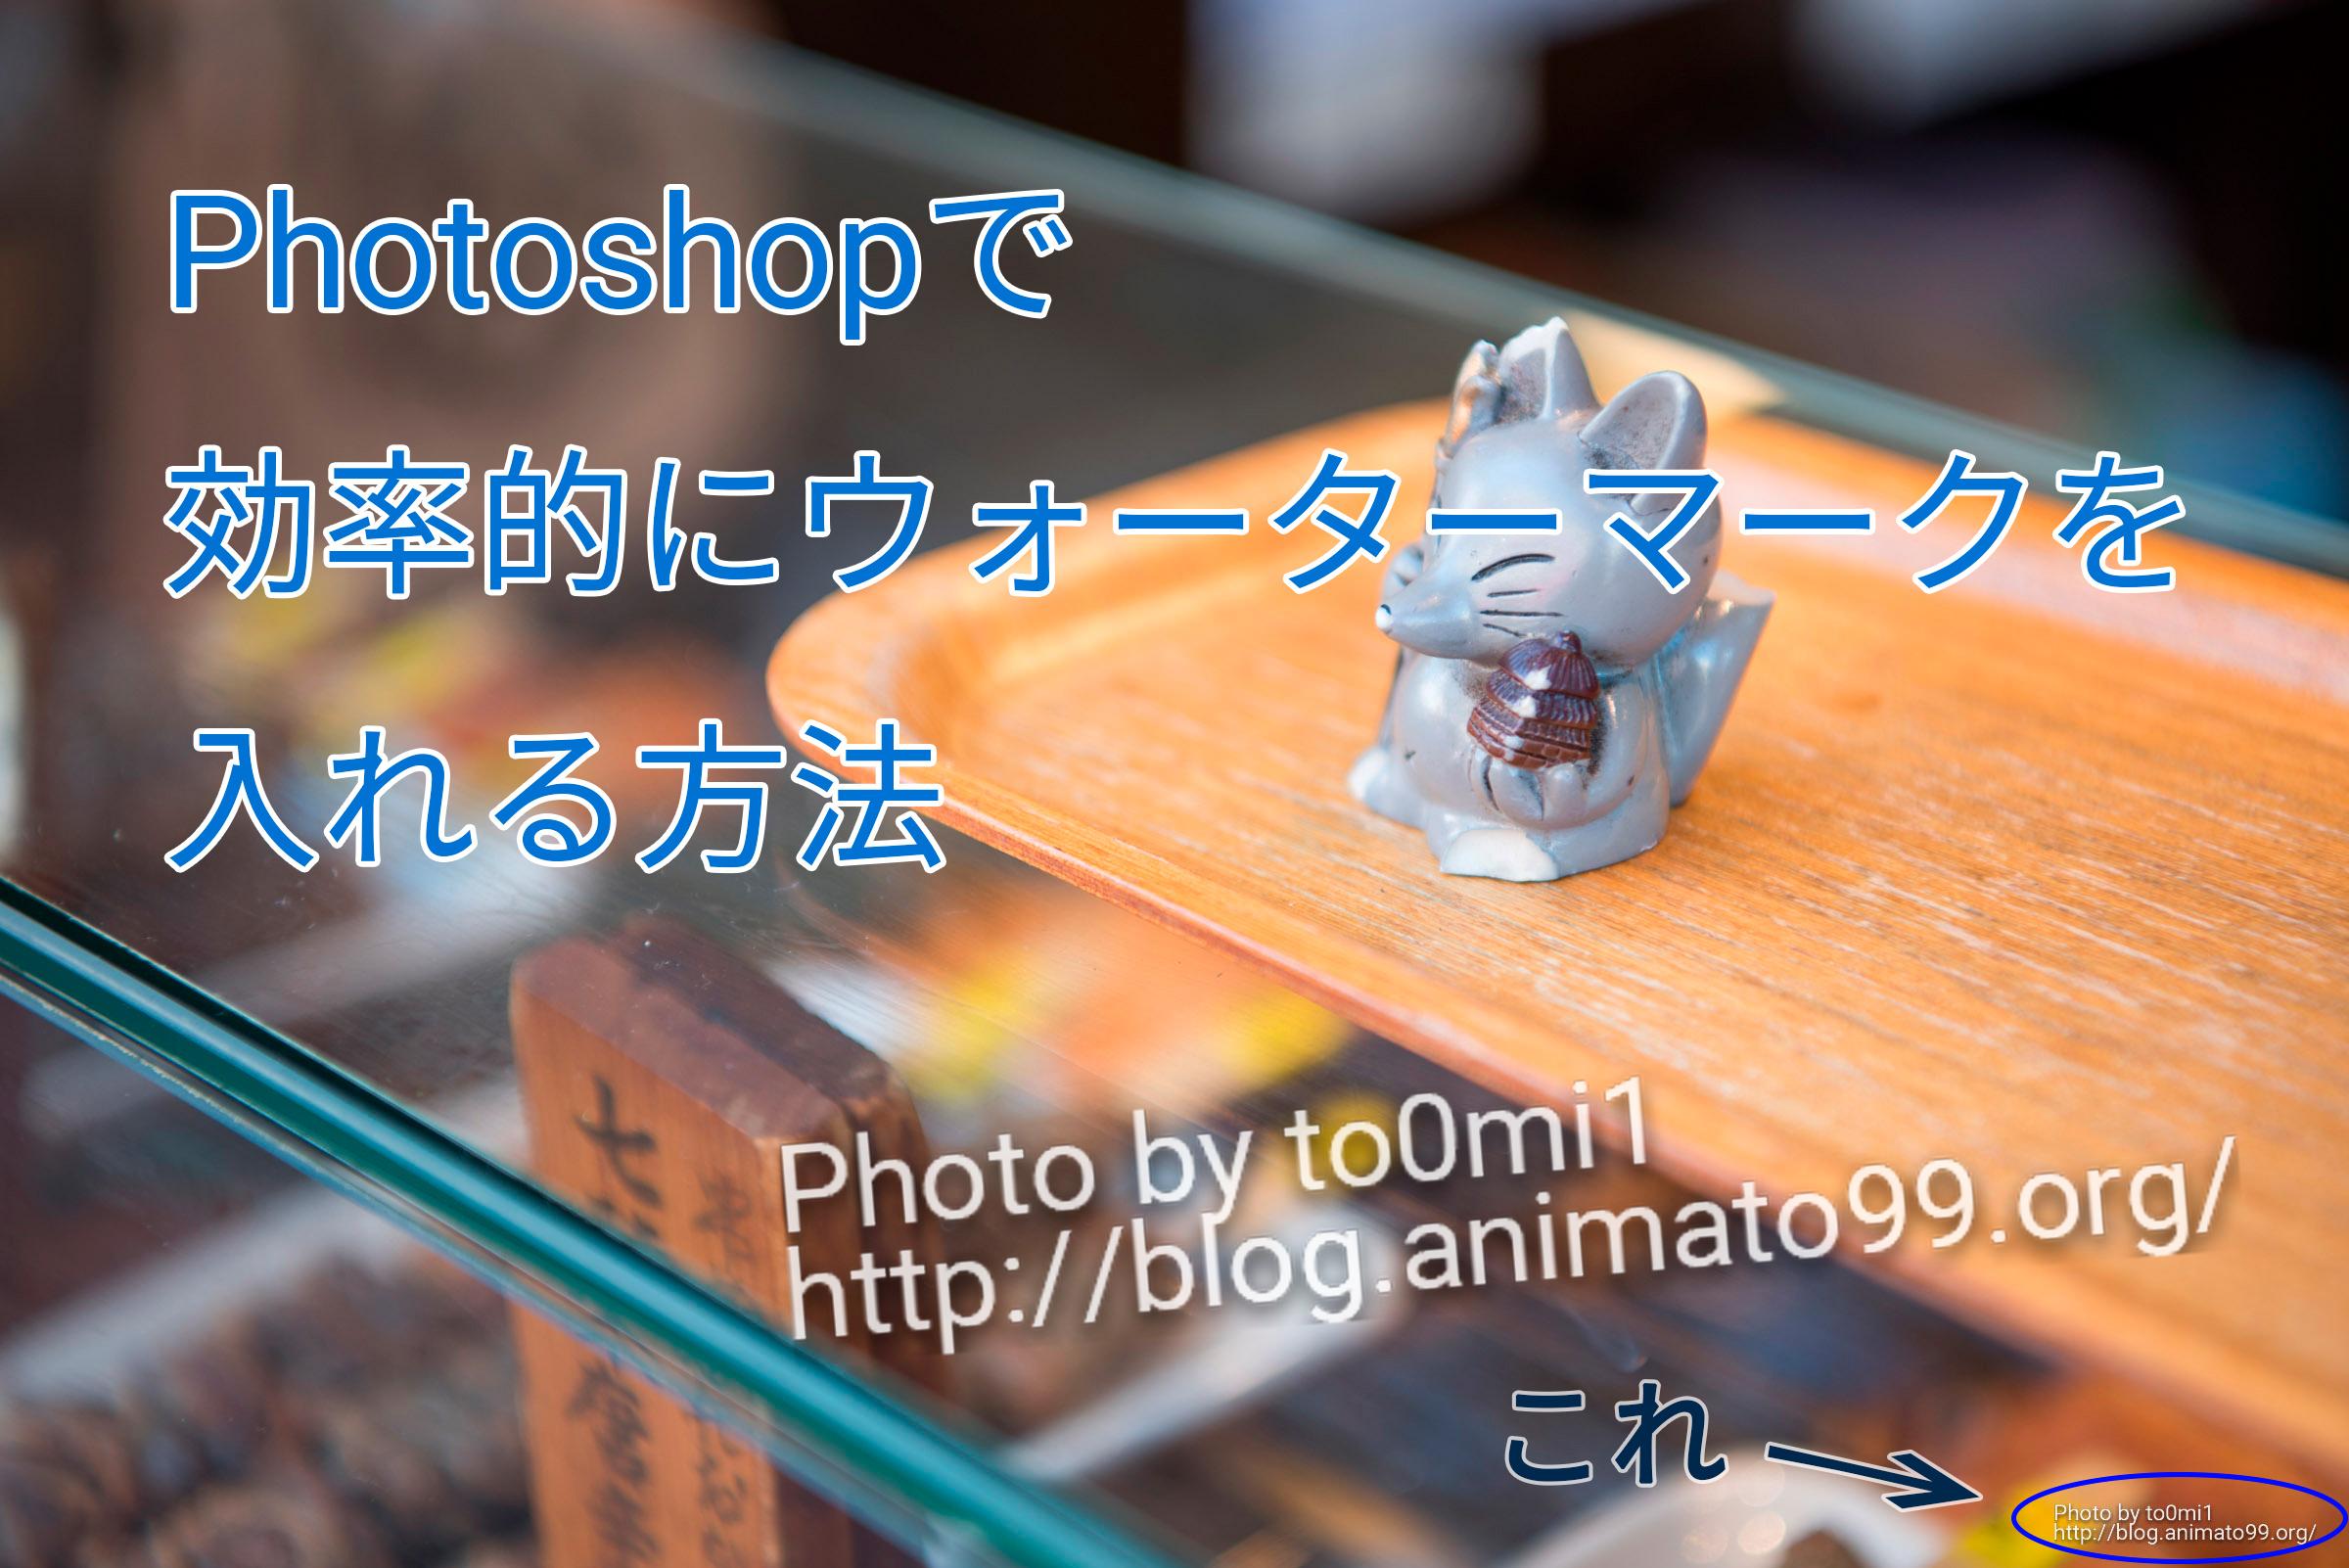 Photoshopで効率的に写真にウォーターマークを入れる方法の一つ